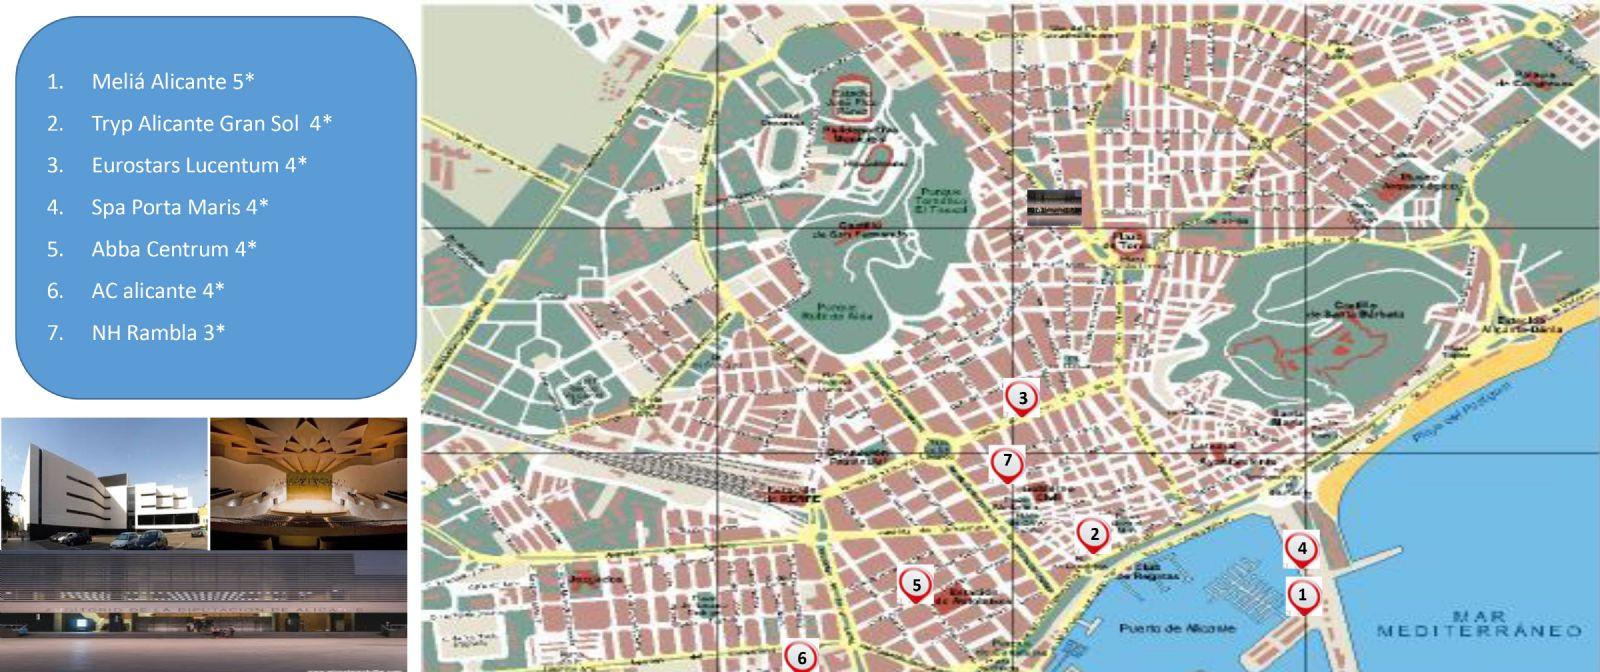 hoteles alicante mapa